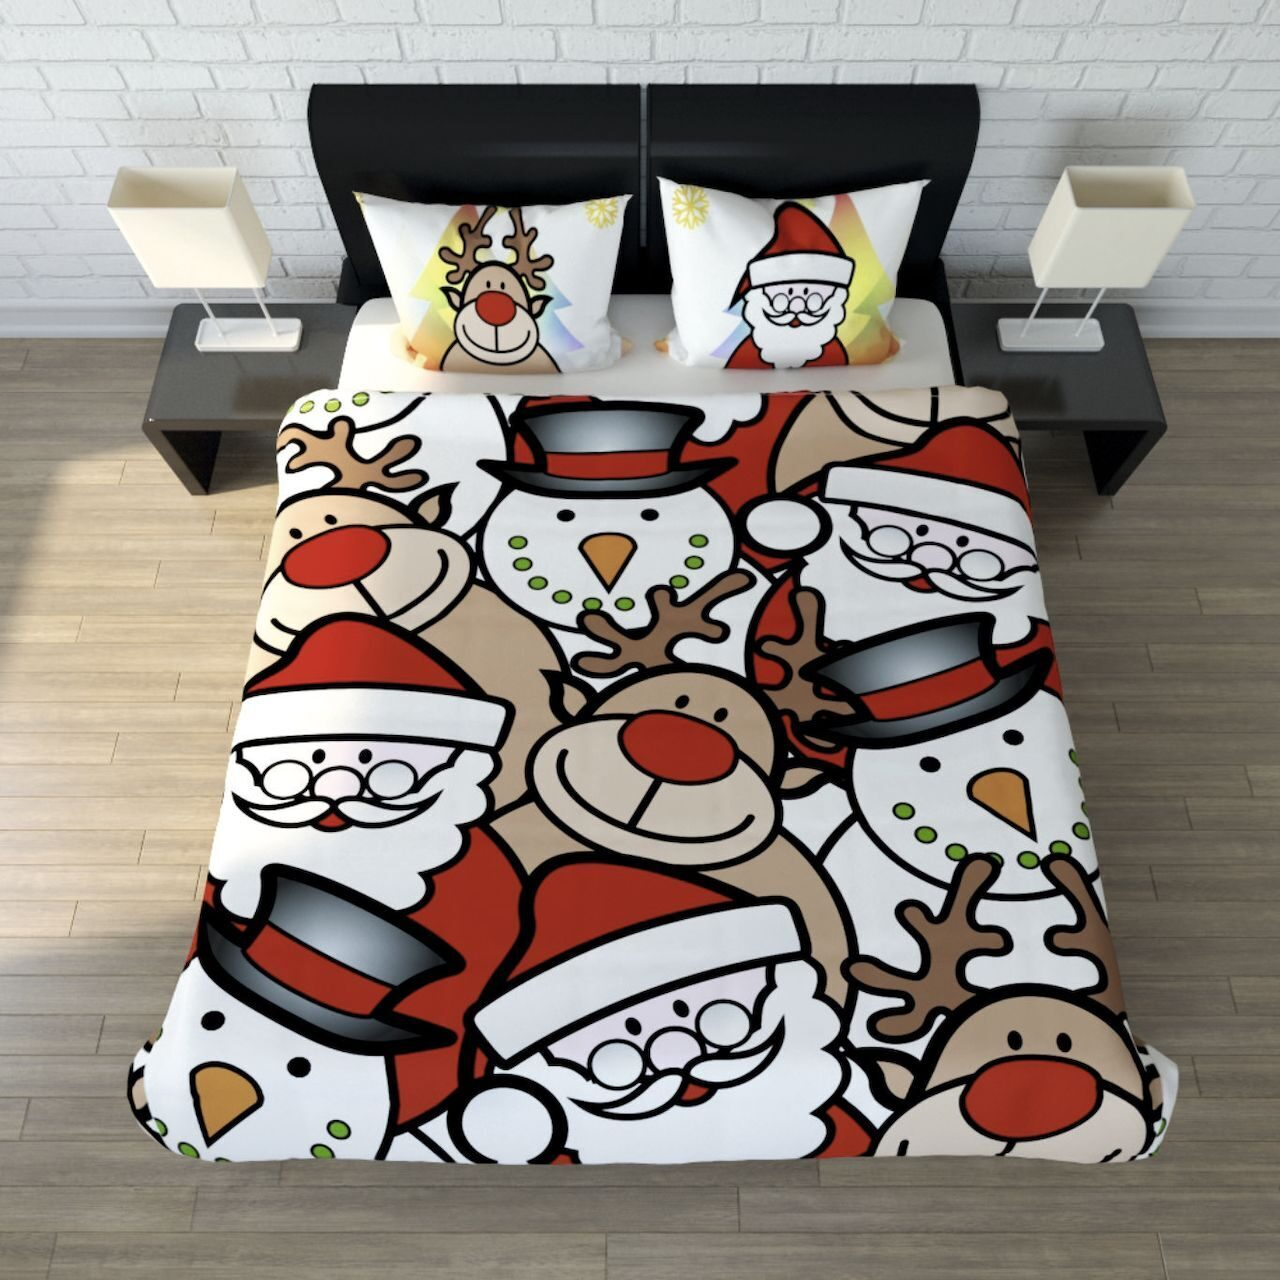 911d3692092dc Купить Новогоднее постельное белье   интернет магазин Соно-Мама, г ...